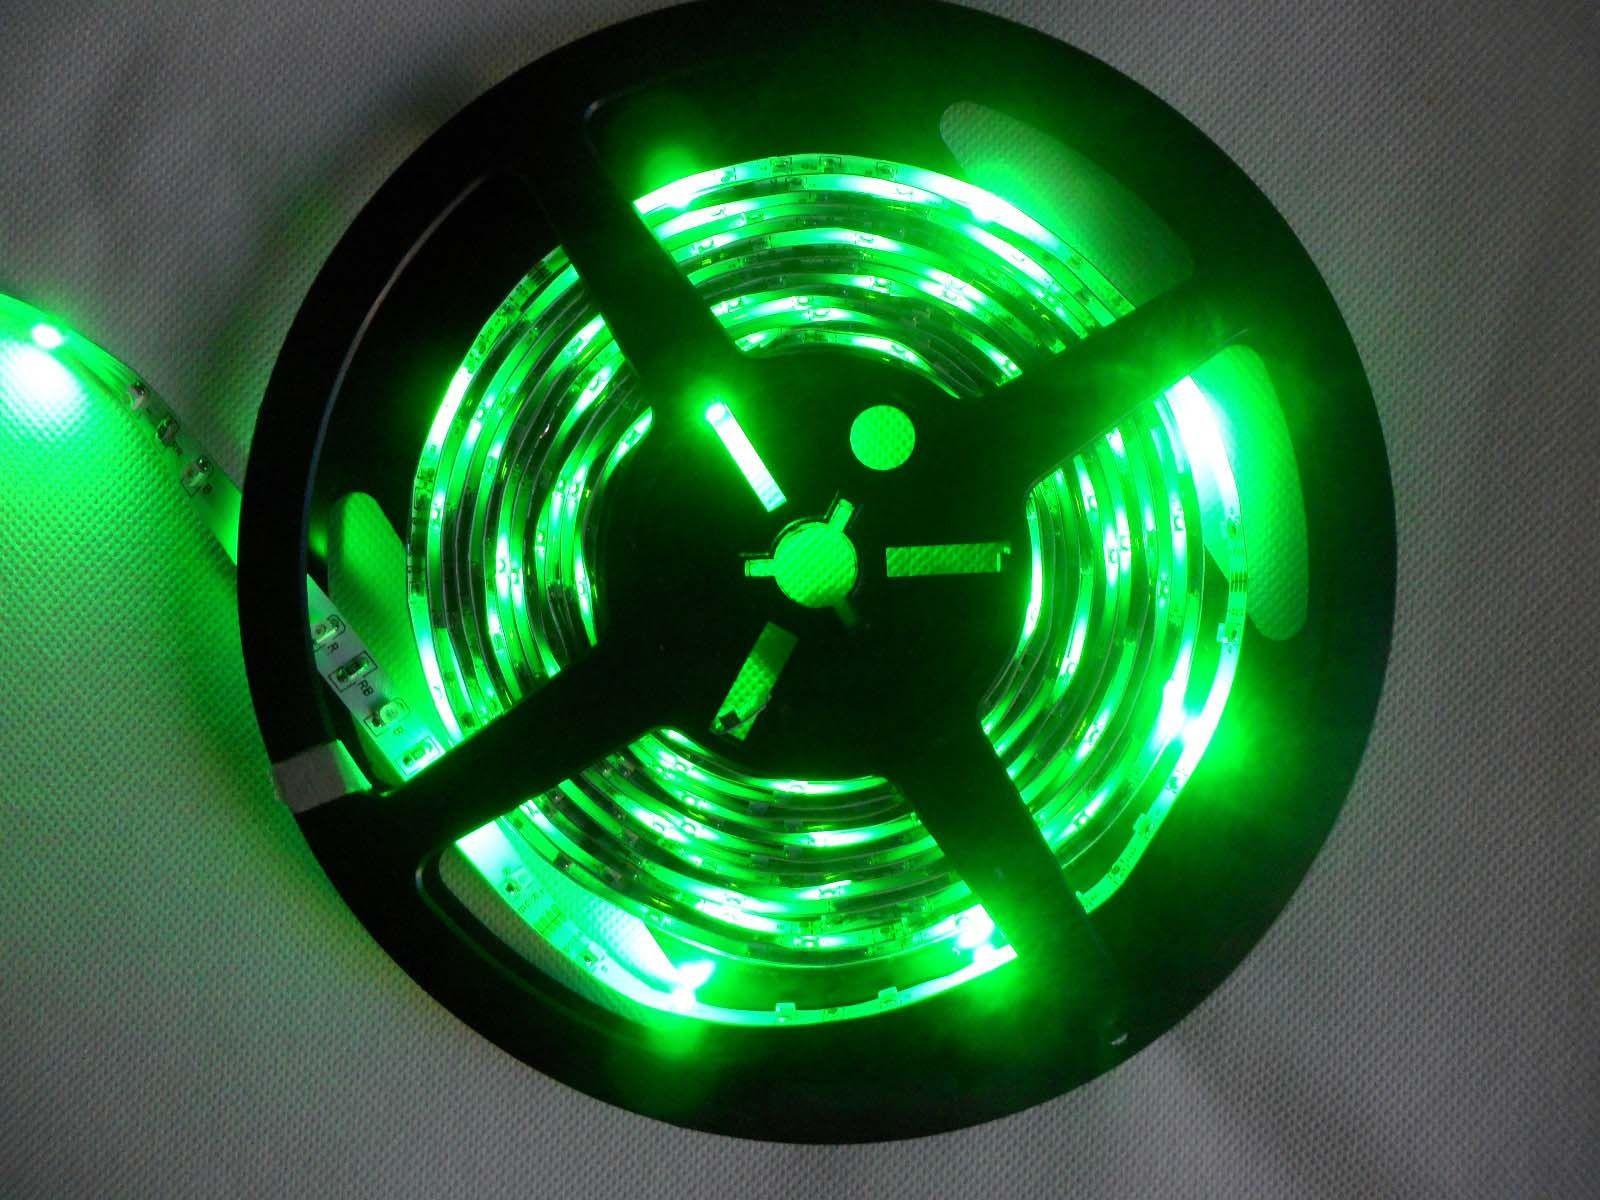 5M RGB 3528 Flexible Etanche 300 Led Bande Lumière + 24 Touches IR Télécommande + EU US UK Adaptateur secteur